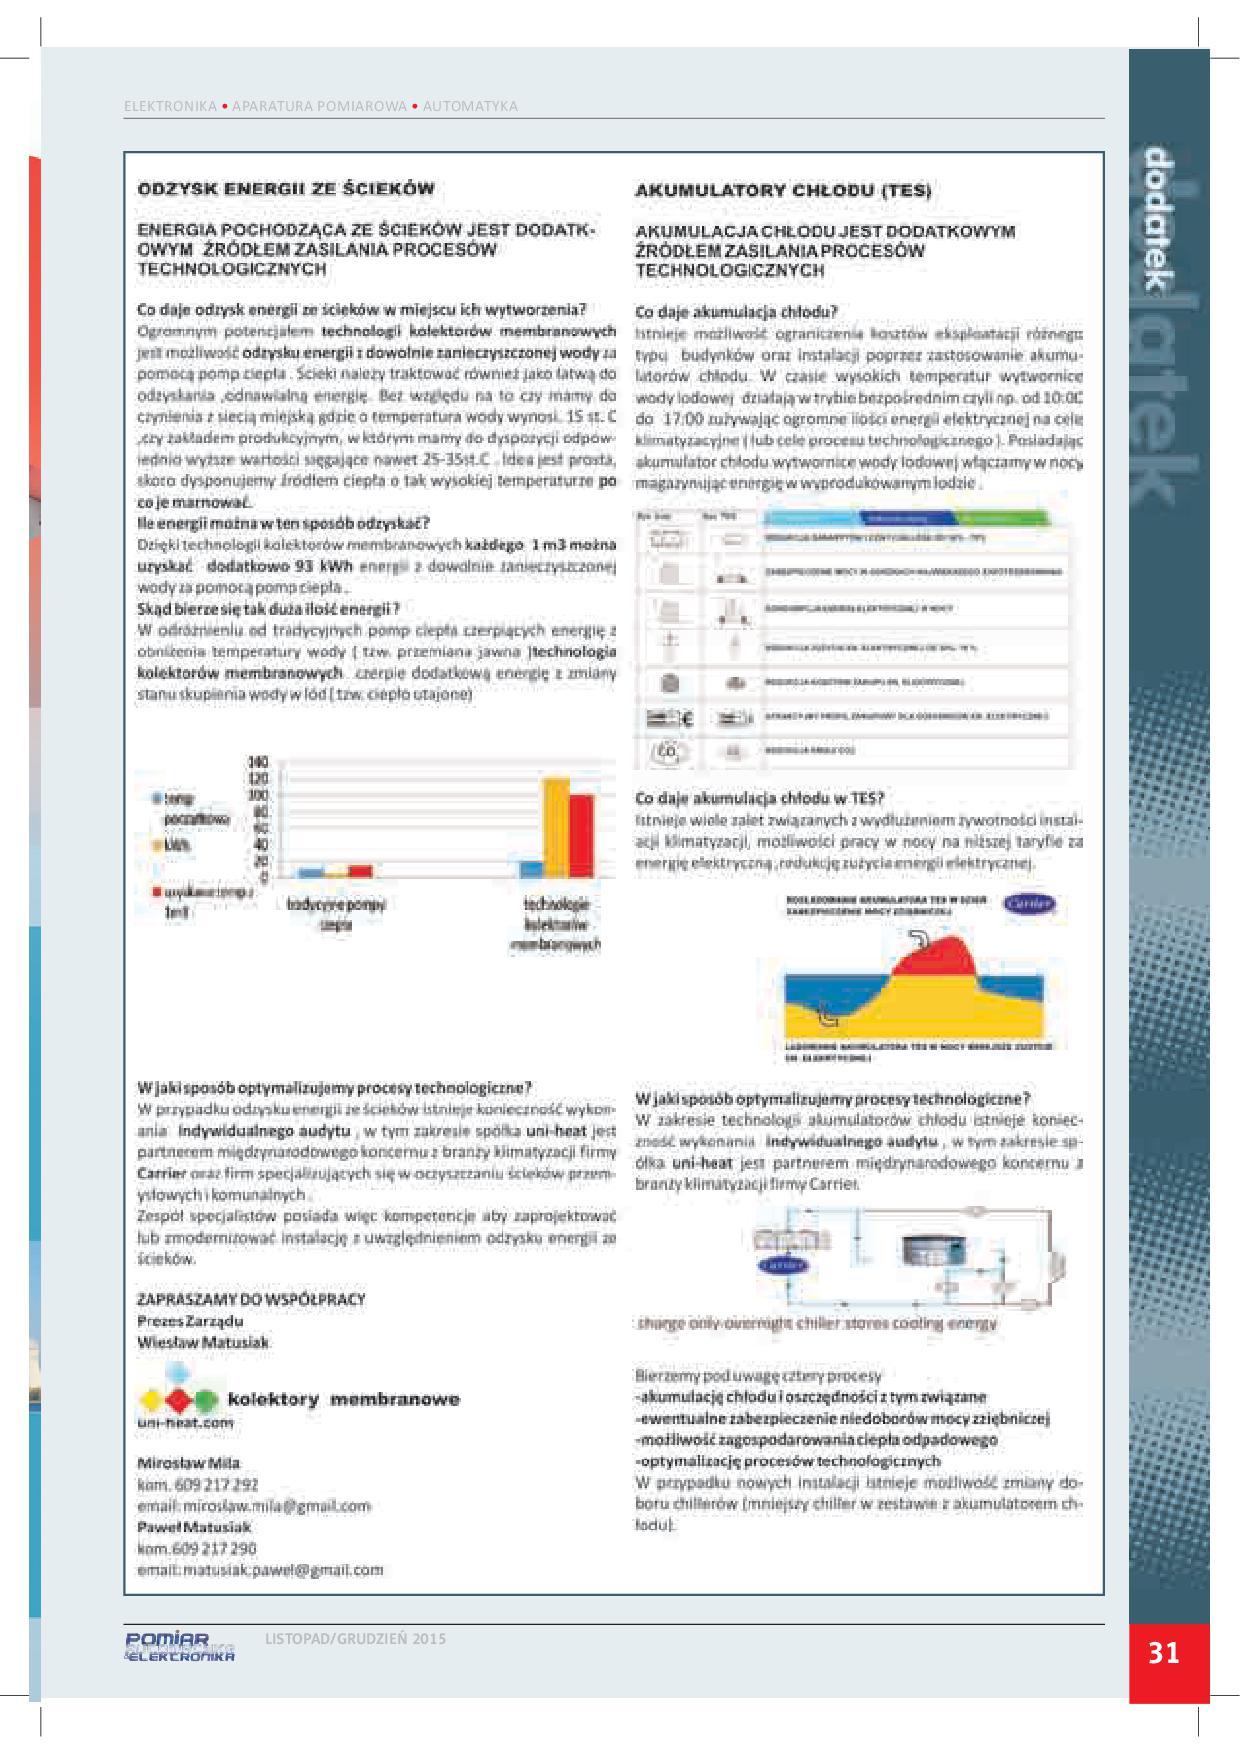 Pomiar_6_2015_prev1.pdf31.jpg